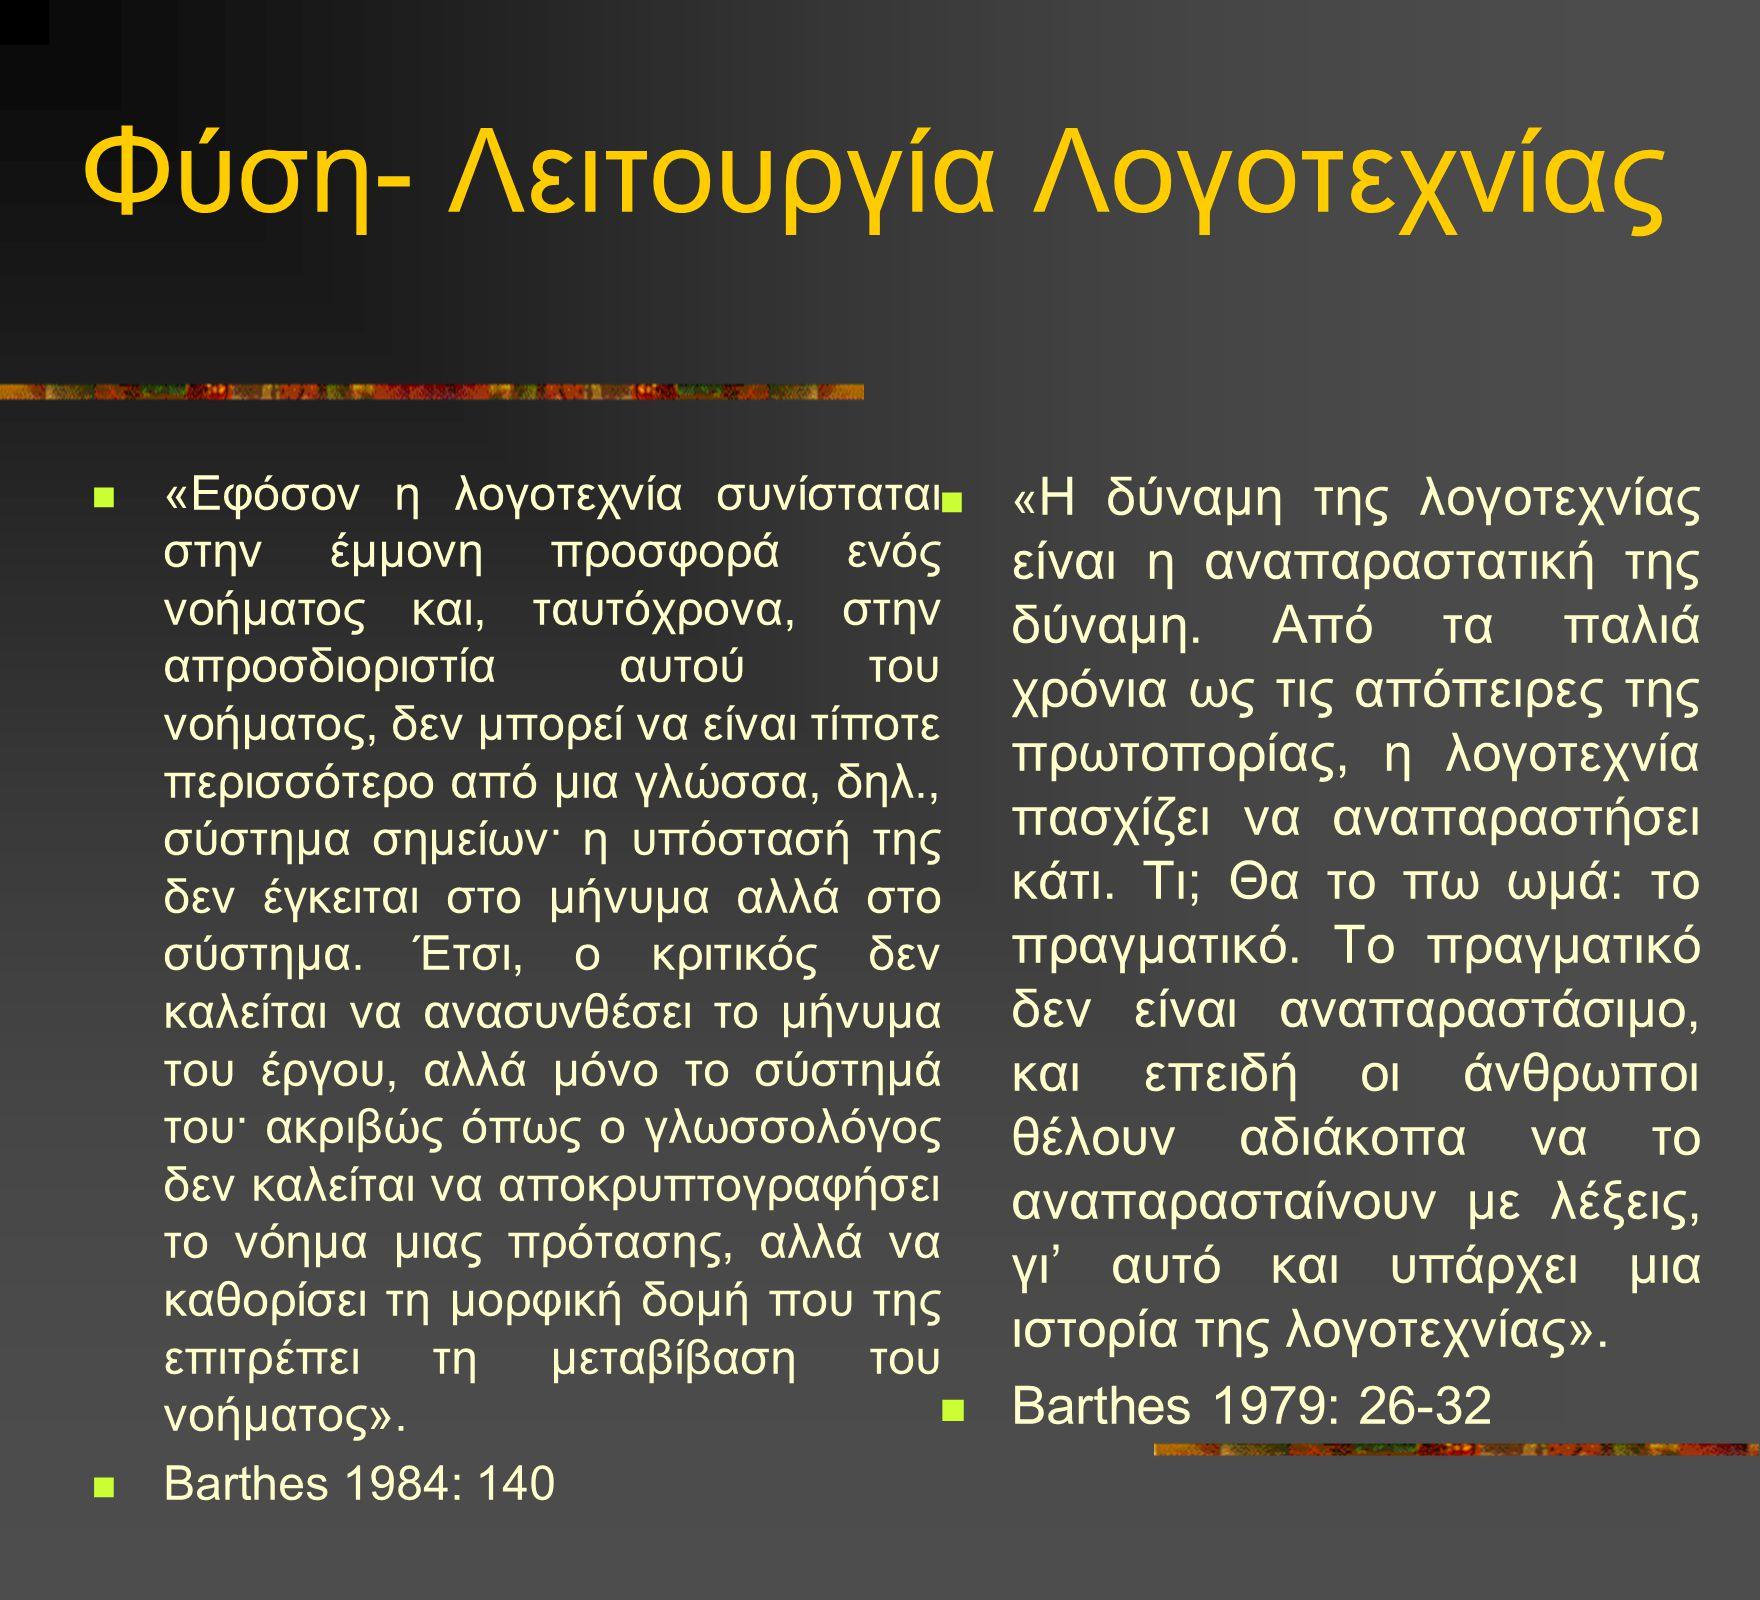 Φύση- Λειτουργία Λογοτεχνίας «Εφόσον η λογοτεχνία συνίσταται στην έμμονη προσφορά ενός νοήματος και, ταυτόχρονα, στην απροσδιοριστία αυτού του νοήματο